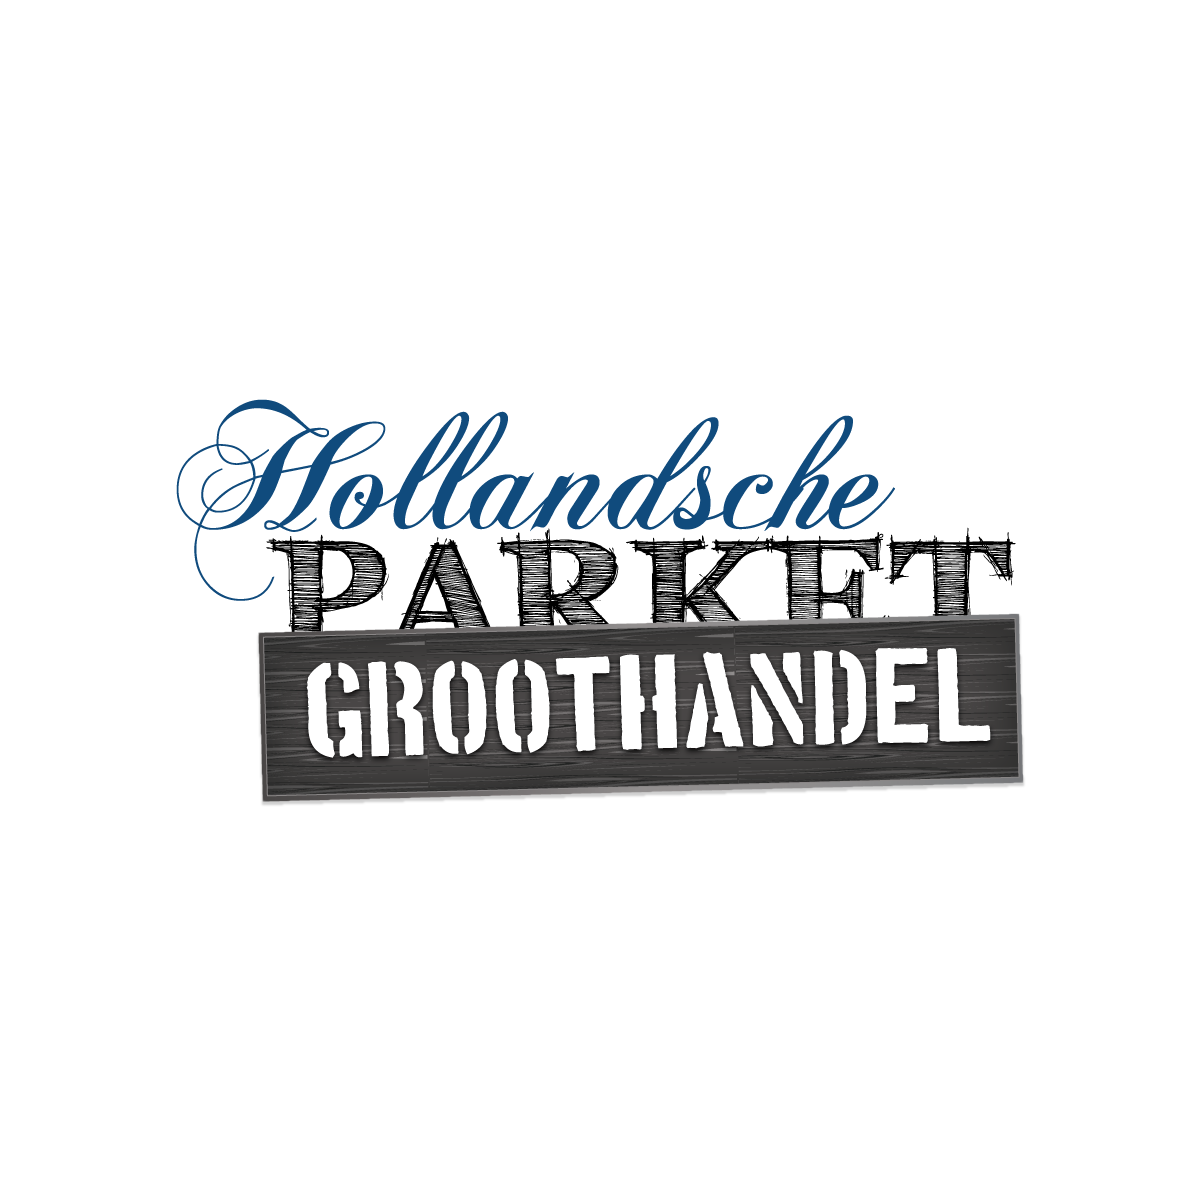 Hollandsche Parket Groothandel